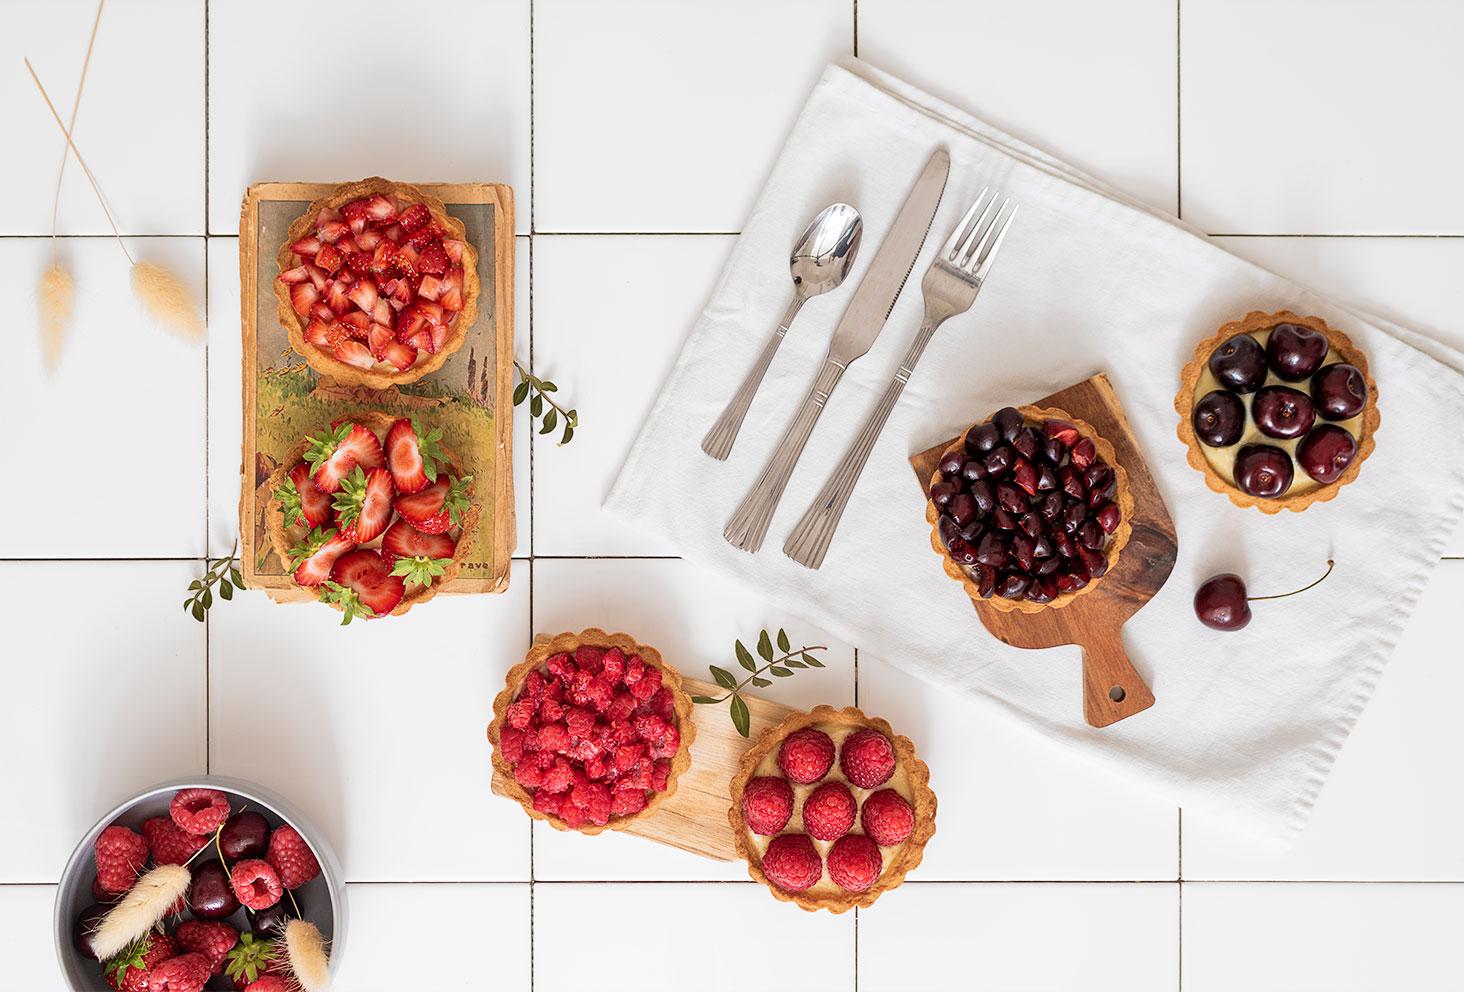 Ensemble de tartelettes aux fruits rouges sur un torchon blanc sur du carrelage de cuisine